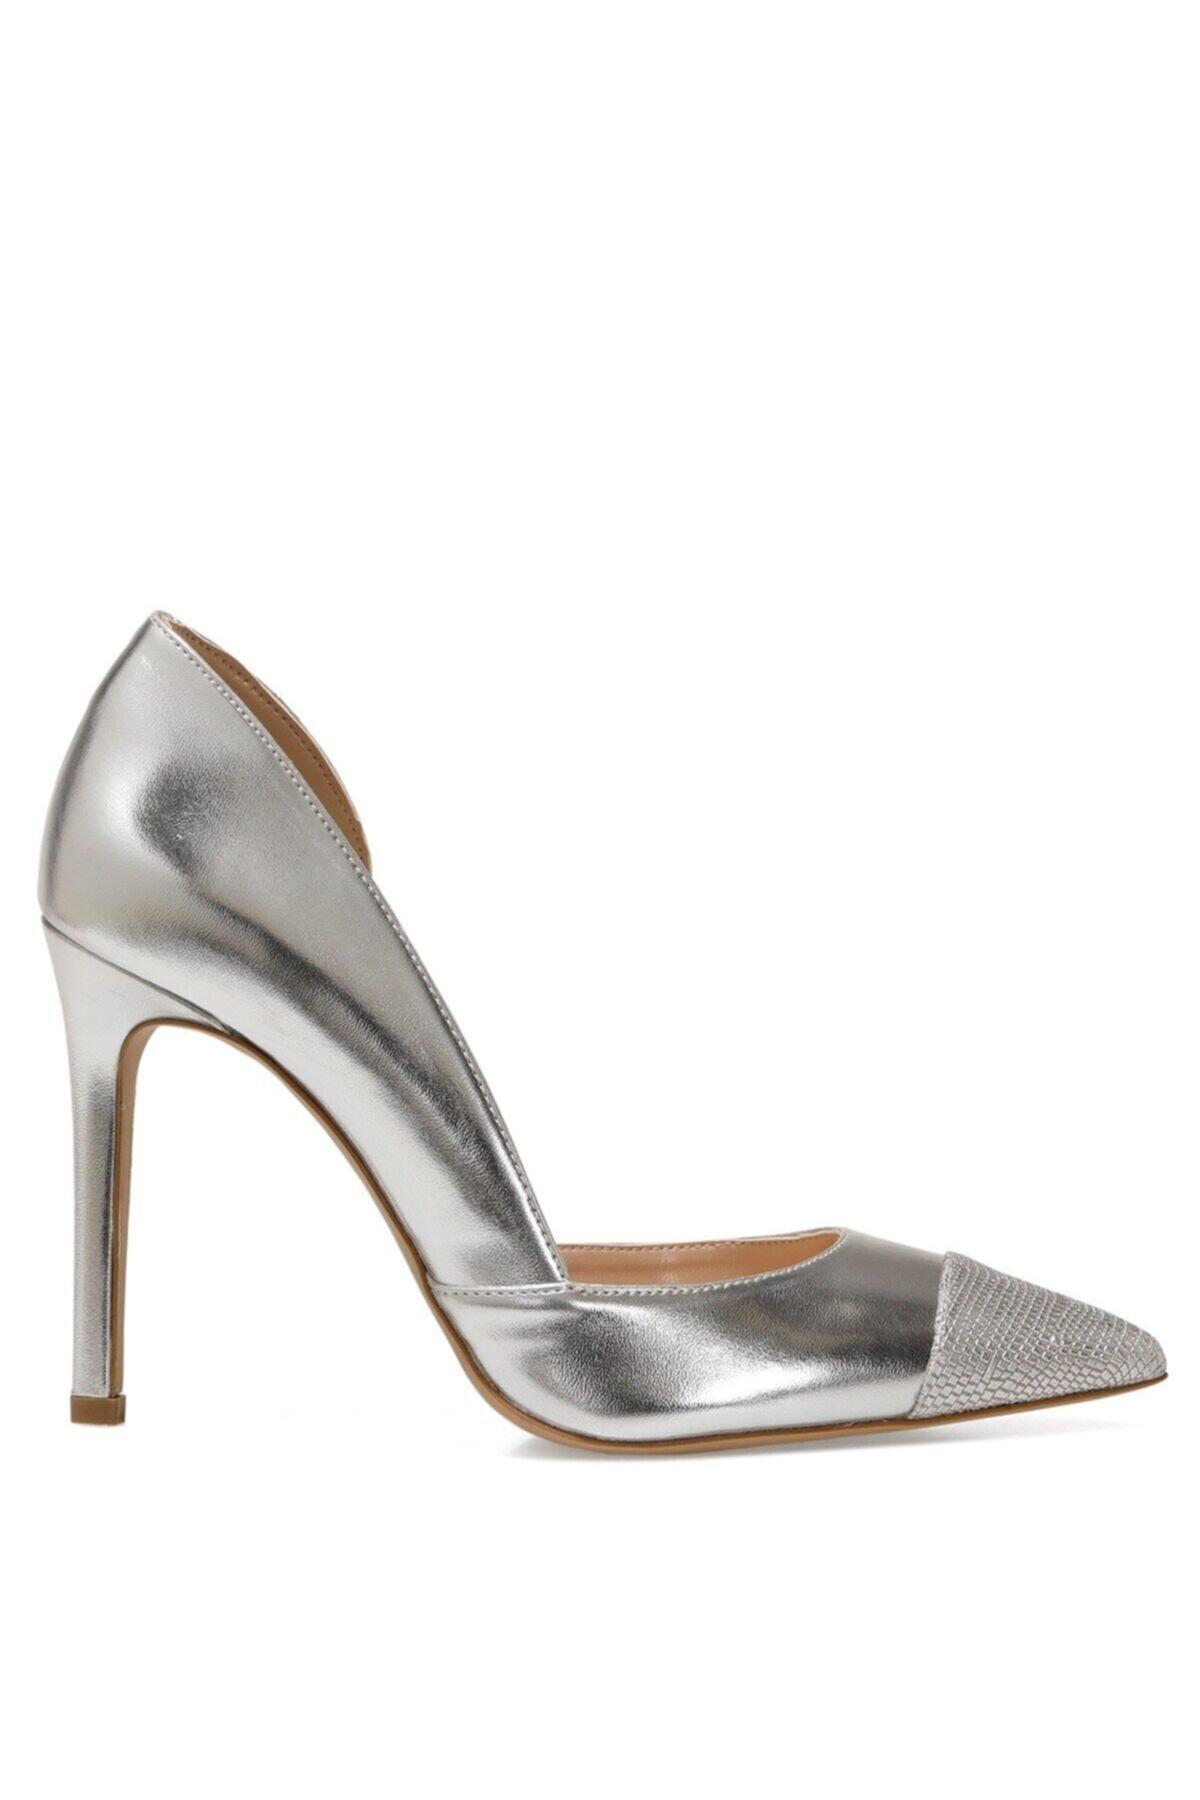 MERNANI 1FX Gümüş Kadın Gova Ayakkabı 101012992